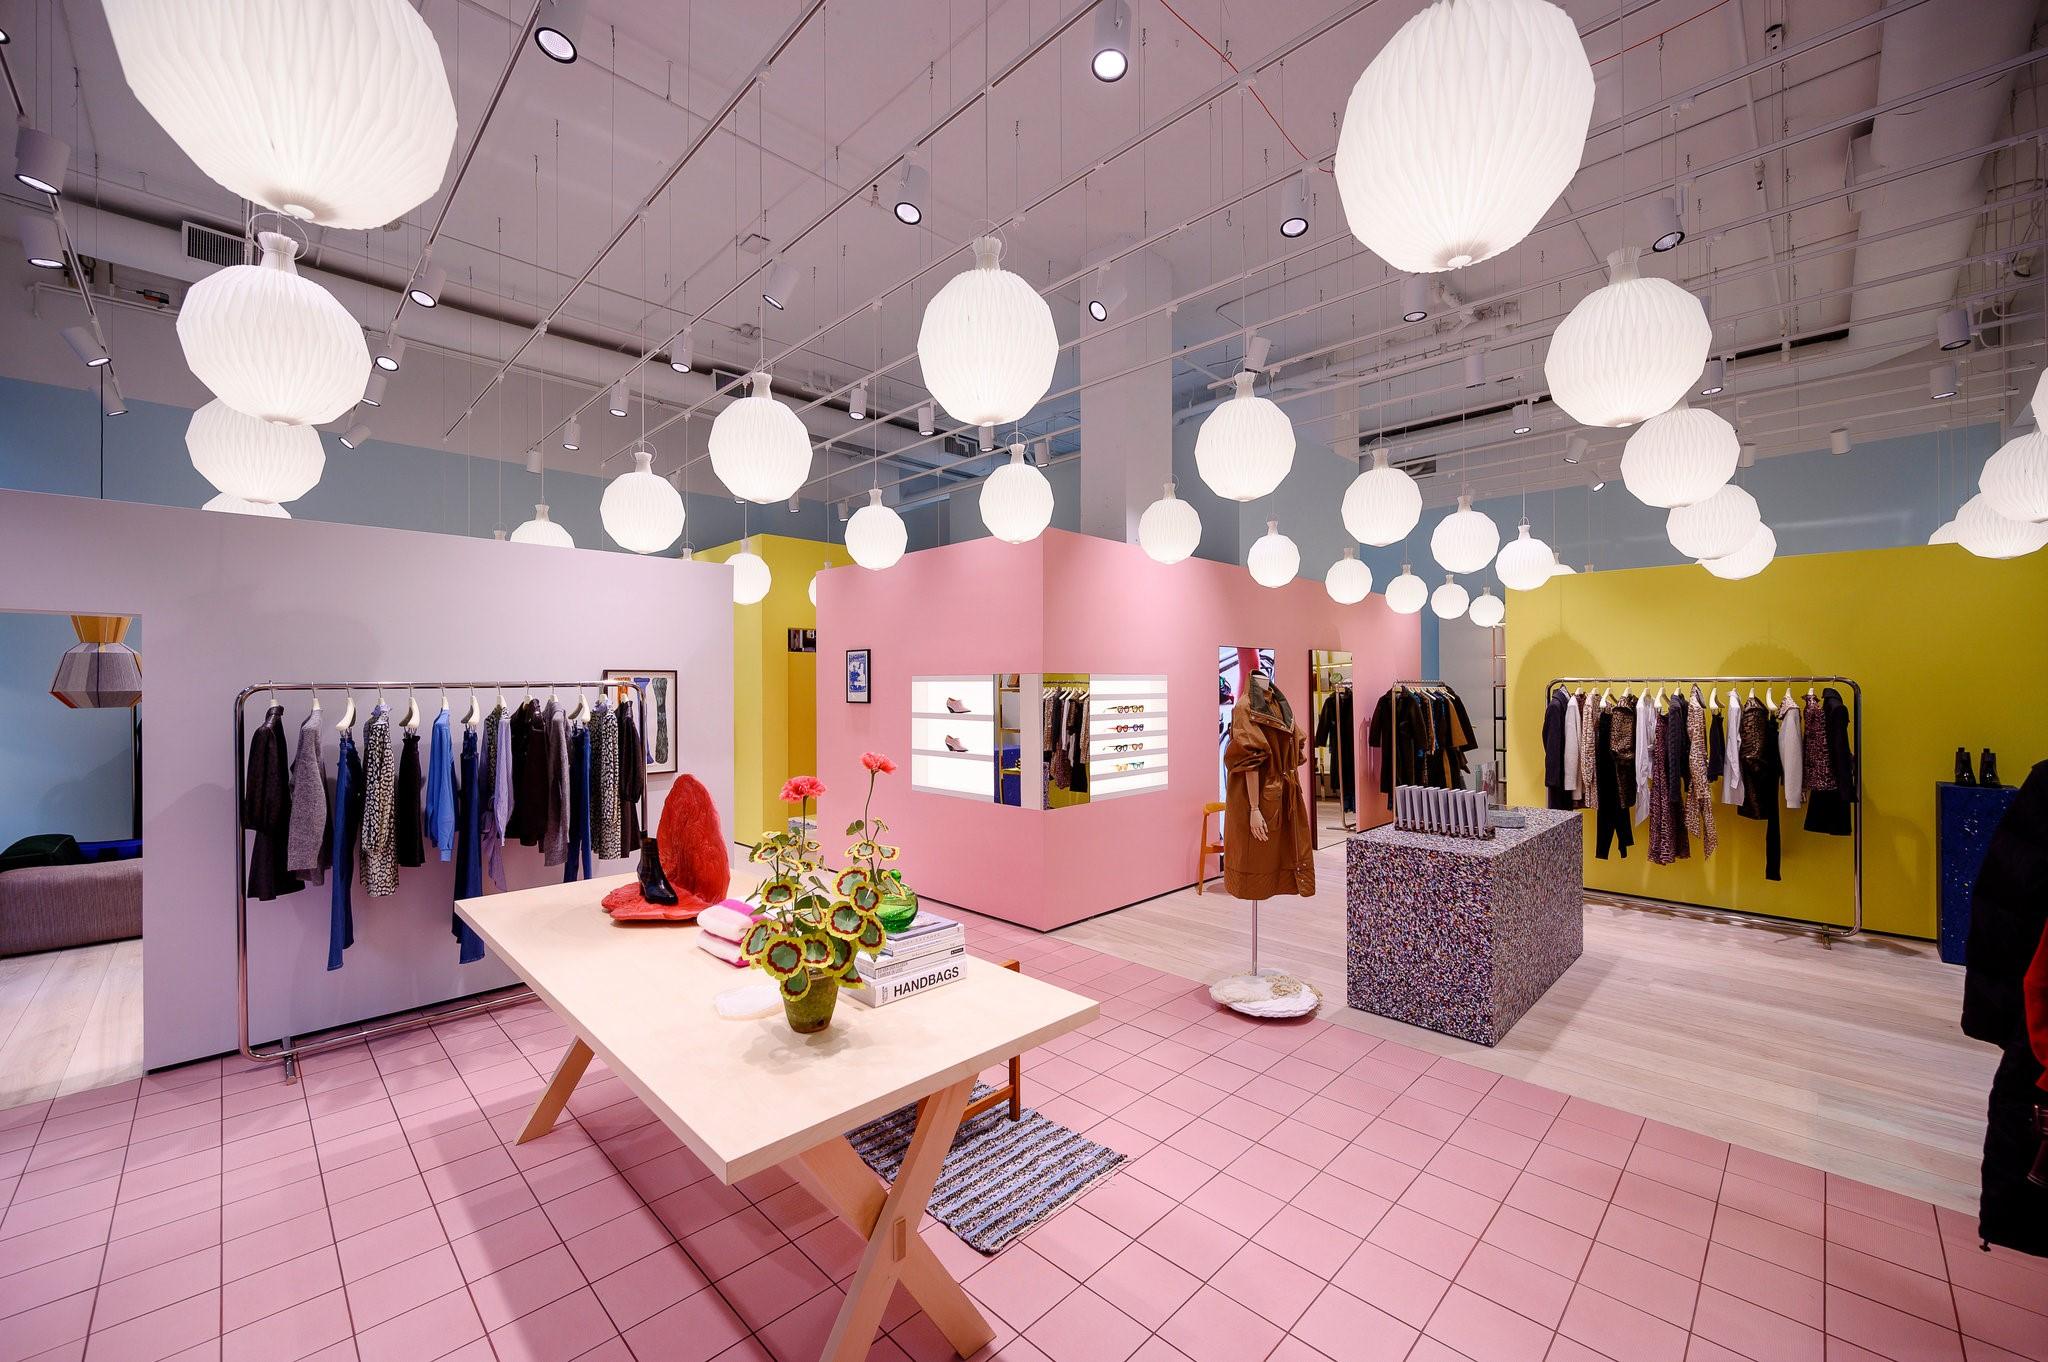 آموزش طراحی داخلی قسمت هفتم (تاثیر رنگ ها در طراحی فروشگاه ها) 1